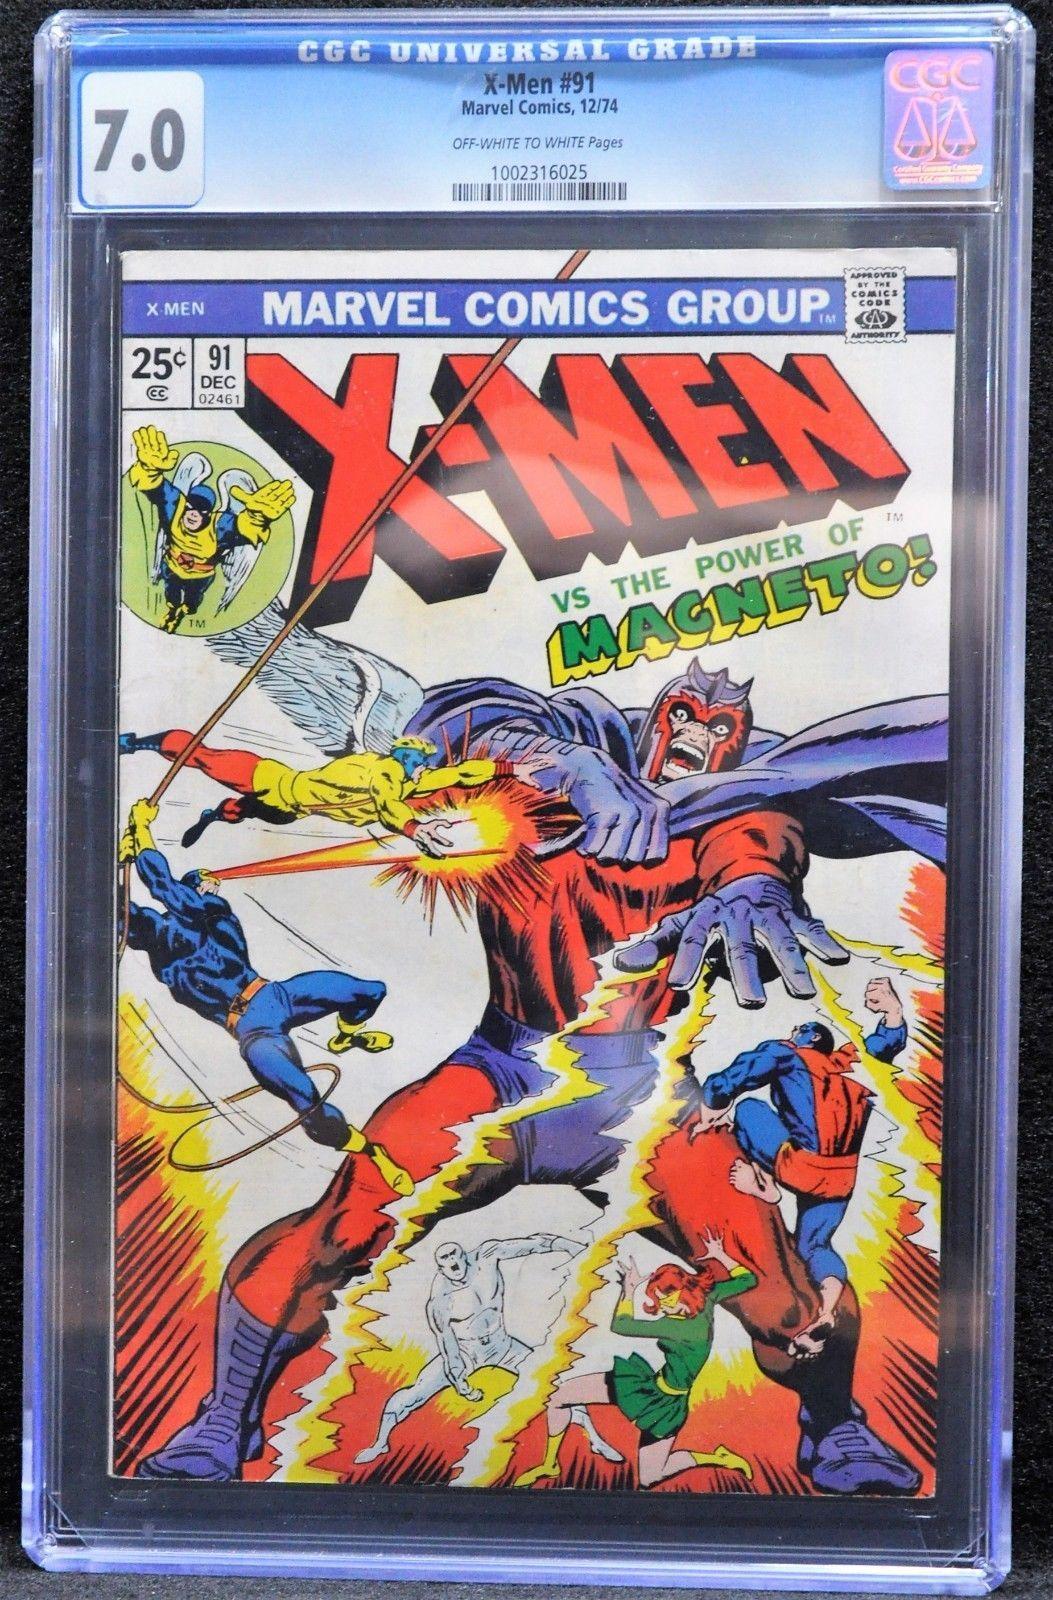 X-men #91 (Marvel, 1974) CGC 7.0